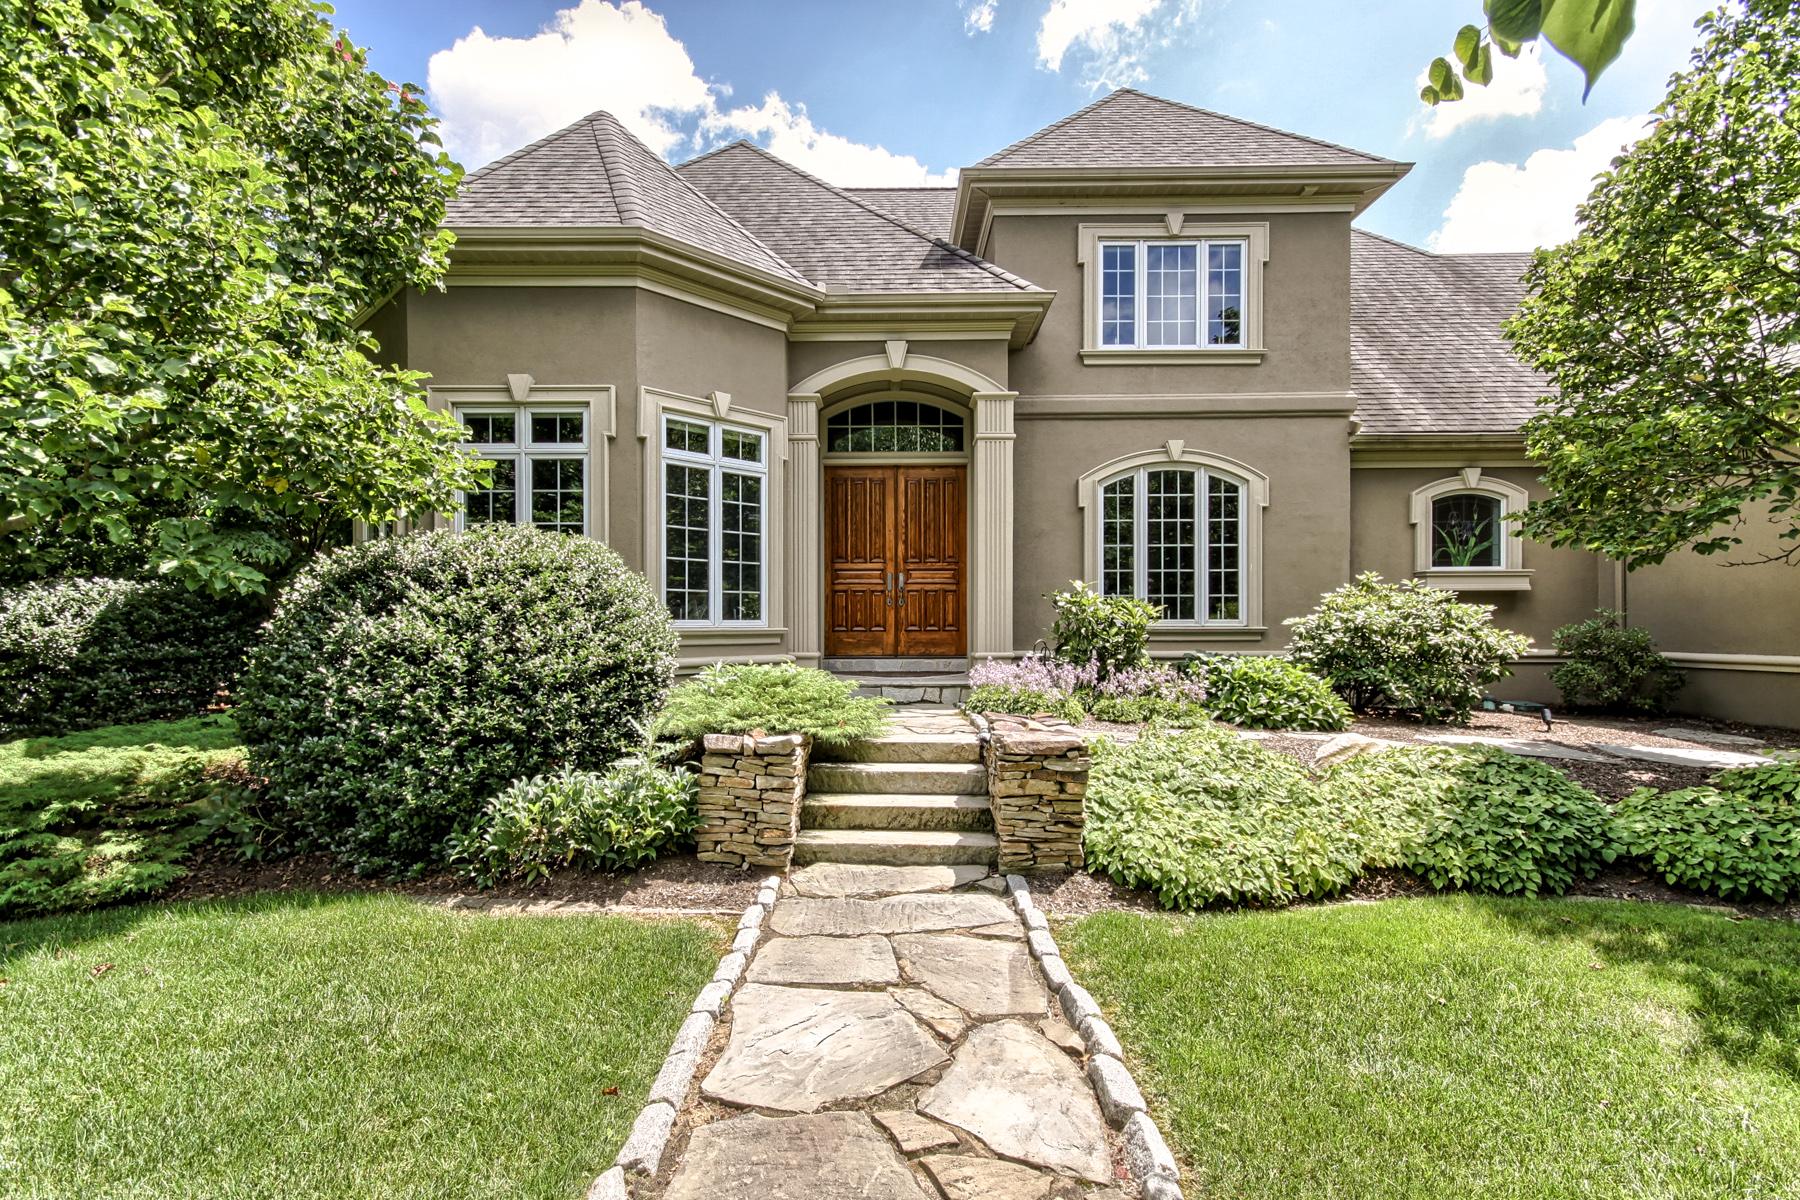 Casa Unifamiliar por un Venta en 396 Millpond Drive Lititz, Pennsylvania 17543 Estados Unidos